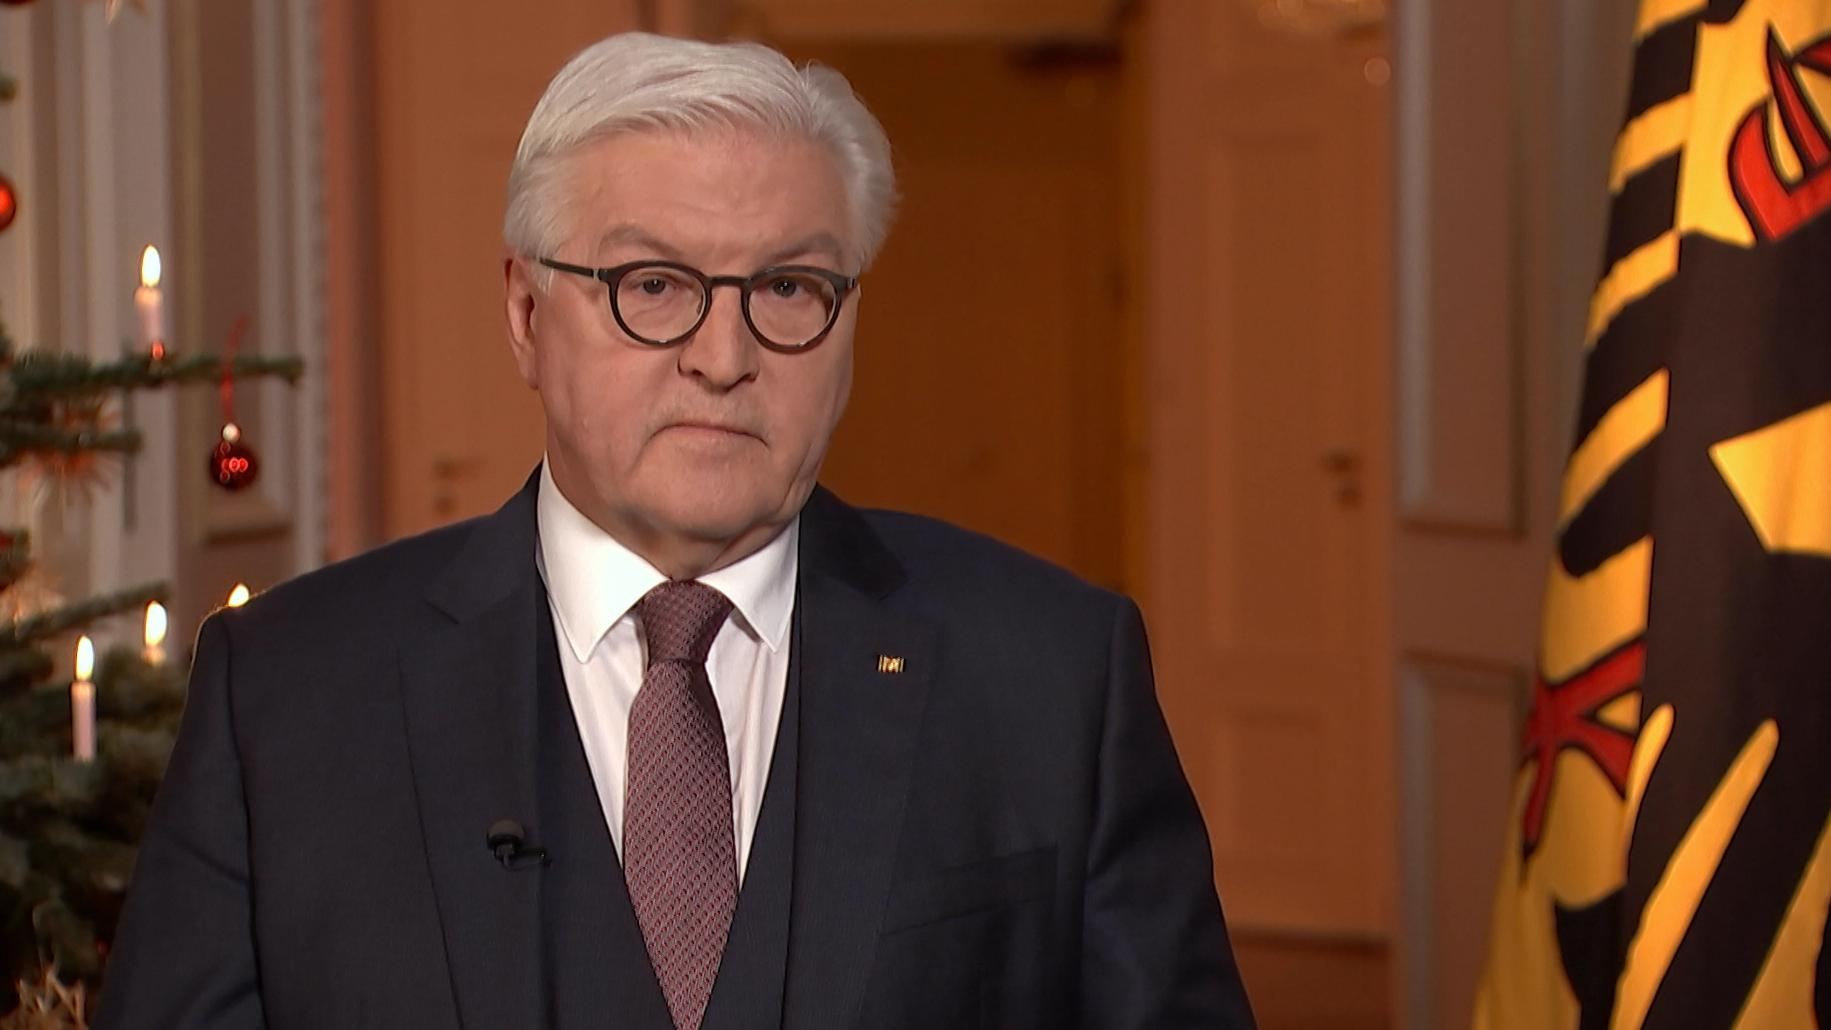 Bundespräsident Frank-Walter Steinmeier nach der Fernsehaufzeichnung für seine Weihnachtsansprache 2018